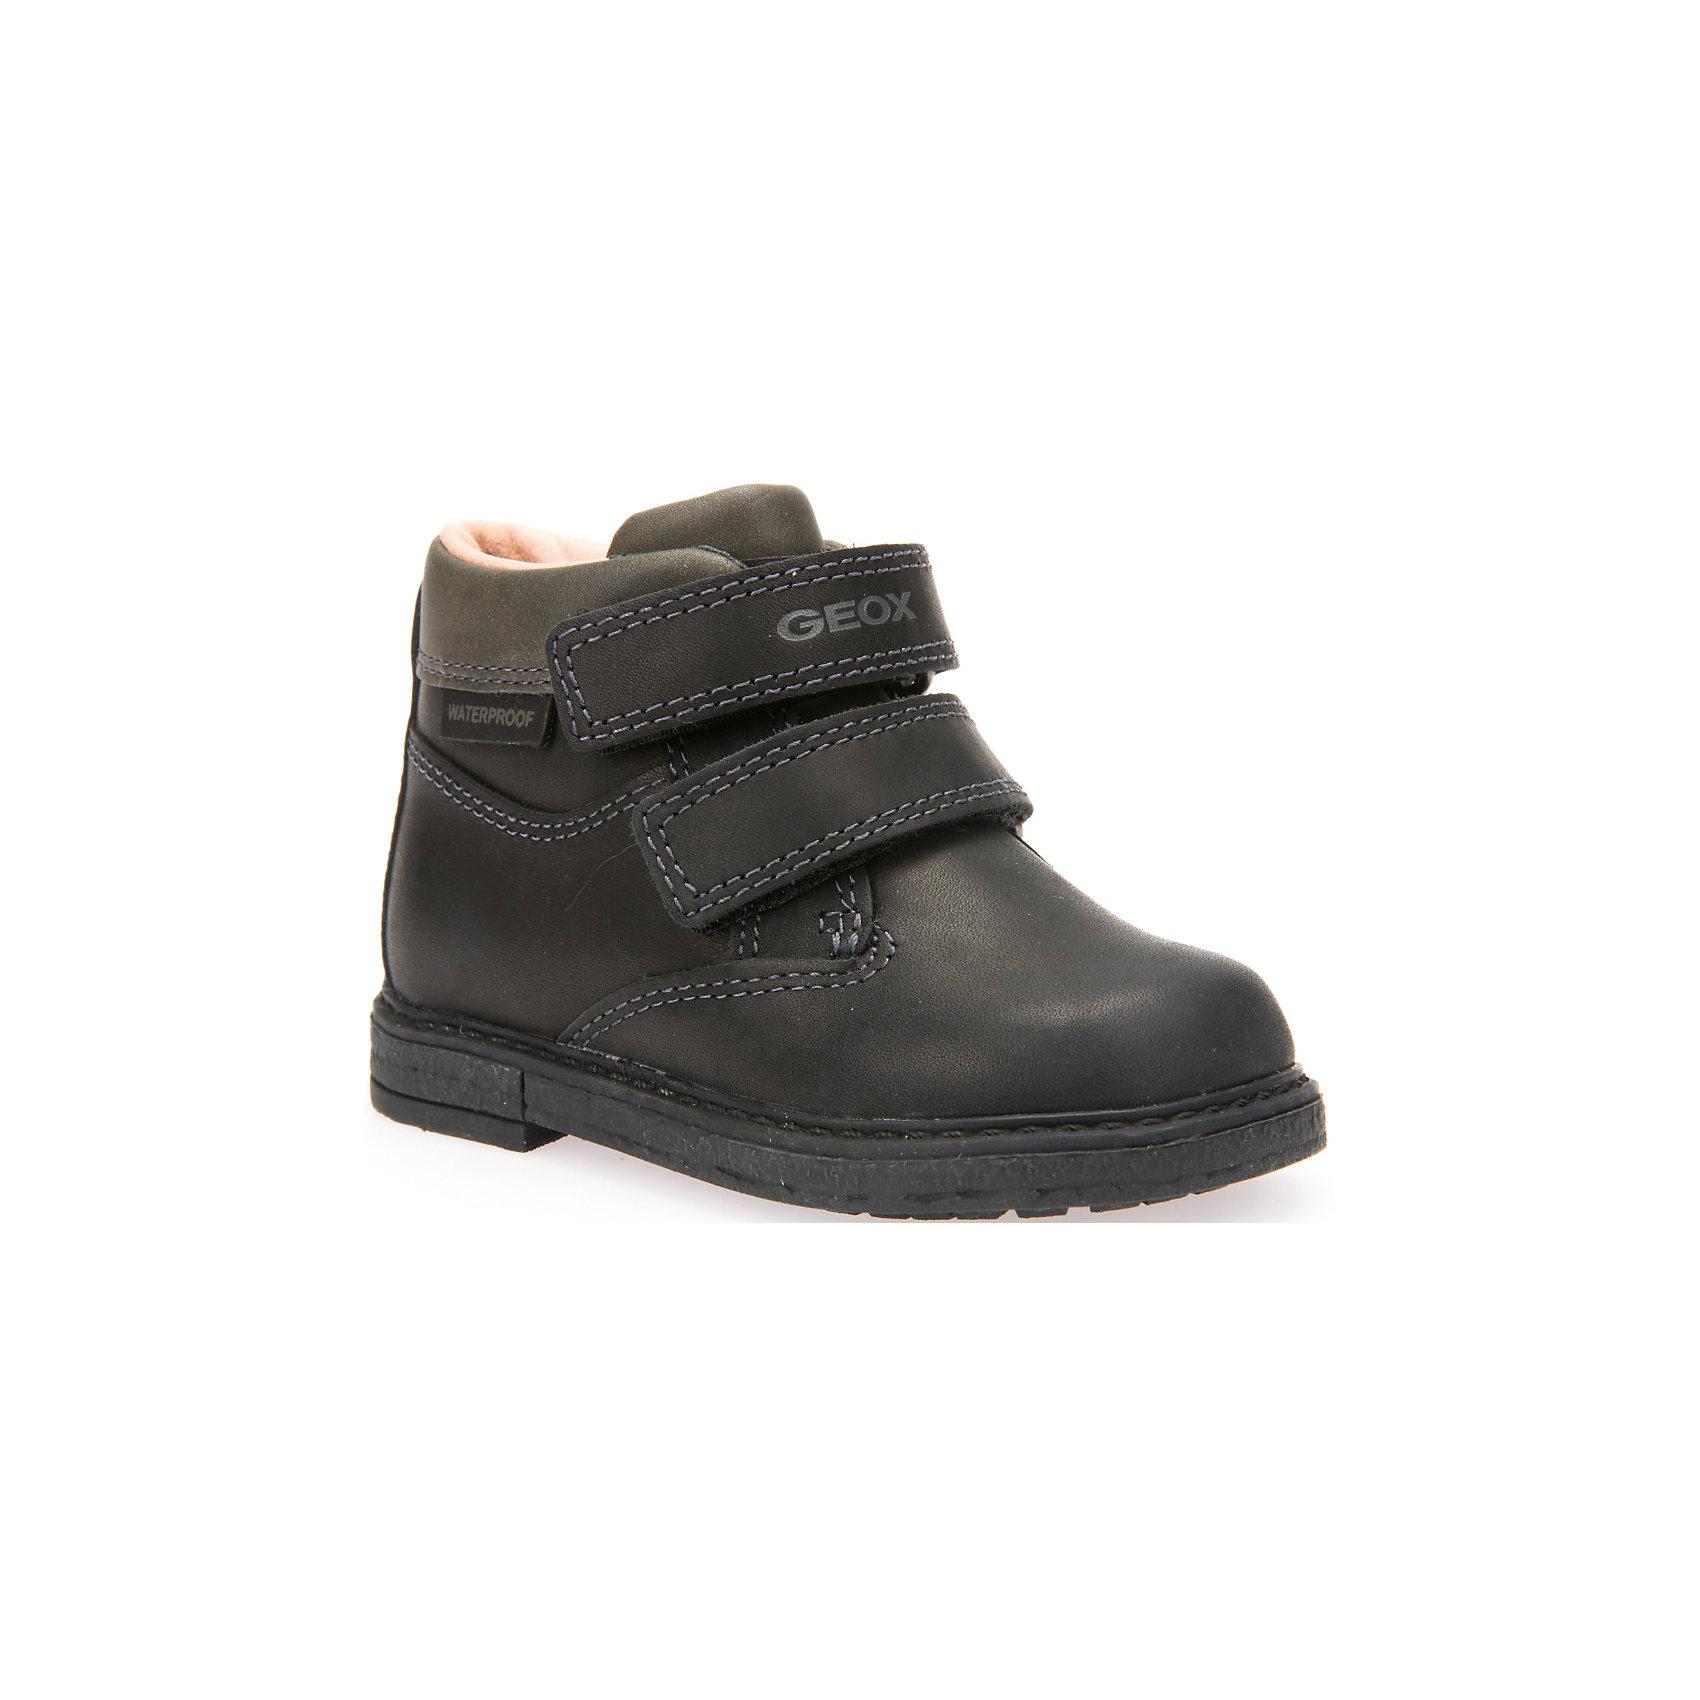 Ботинки для мальчика GEOXБотинки<br>Стильные ботинки для мальчика от знаменитого итальянского бренда взрослой и детской одежды и обуви GEOX (Геокс). Осенние дни станут еще веселее! Ботинки представлены в классическом черном цвете, который отлично подходит к дизайну полусапожек. Разработанная технология подошвы полусапожек не позволяет им скользить, амортизирует шаги, не пропускает воду и позволяет стопе дышать. Мягкая подошва отлично гнется, обеспечивая безопасность шагов, поддерживая стопу, позволяя стоять более уверенно и оставляя свободу движения. Эргономичная антибактериальная стелька и высокий задник хорошо фиксируют голеностоп и удобны в носке. Внутренний гладкий материал позволяет легко их надевать и снимать благодаря практичным липучкам. Ботинки сохраняют тепло маленьких ножек и оставляет их сухими, позволяя им дышать. <br>Дополнительная информация:<br>- Состав:<br>верх:  натуральна кожа<br>подкладка: текстиль<br>стелька: текстиль<br>подошва: резина<br>Ботинки для мальчика GEOX (Геокс) (Геокс) можно купить в нашем магазине.<br>Подробнее:<br>• Для детей в возрасте: от 3 до 8 лет<br>• Номер товара: 4865048<br>Страна производитель: Вьетнам<br><br>Ширина мм: 257<br>Глубина мм: 180<br>Высота мм: 130<br>Вес г: 420<br>Цвет: черный<br>Возраст от месяцев: 24<br>Возраст до месяцев: 24<br>Пол: Мужской<br>Возраст: Детский<br>Размер: 25,23,27,26,24<br>SKU: 4865048